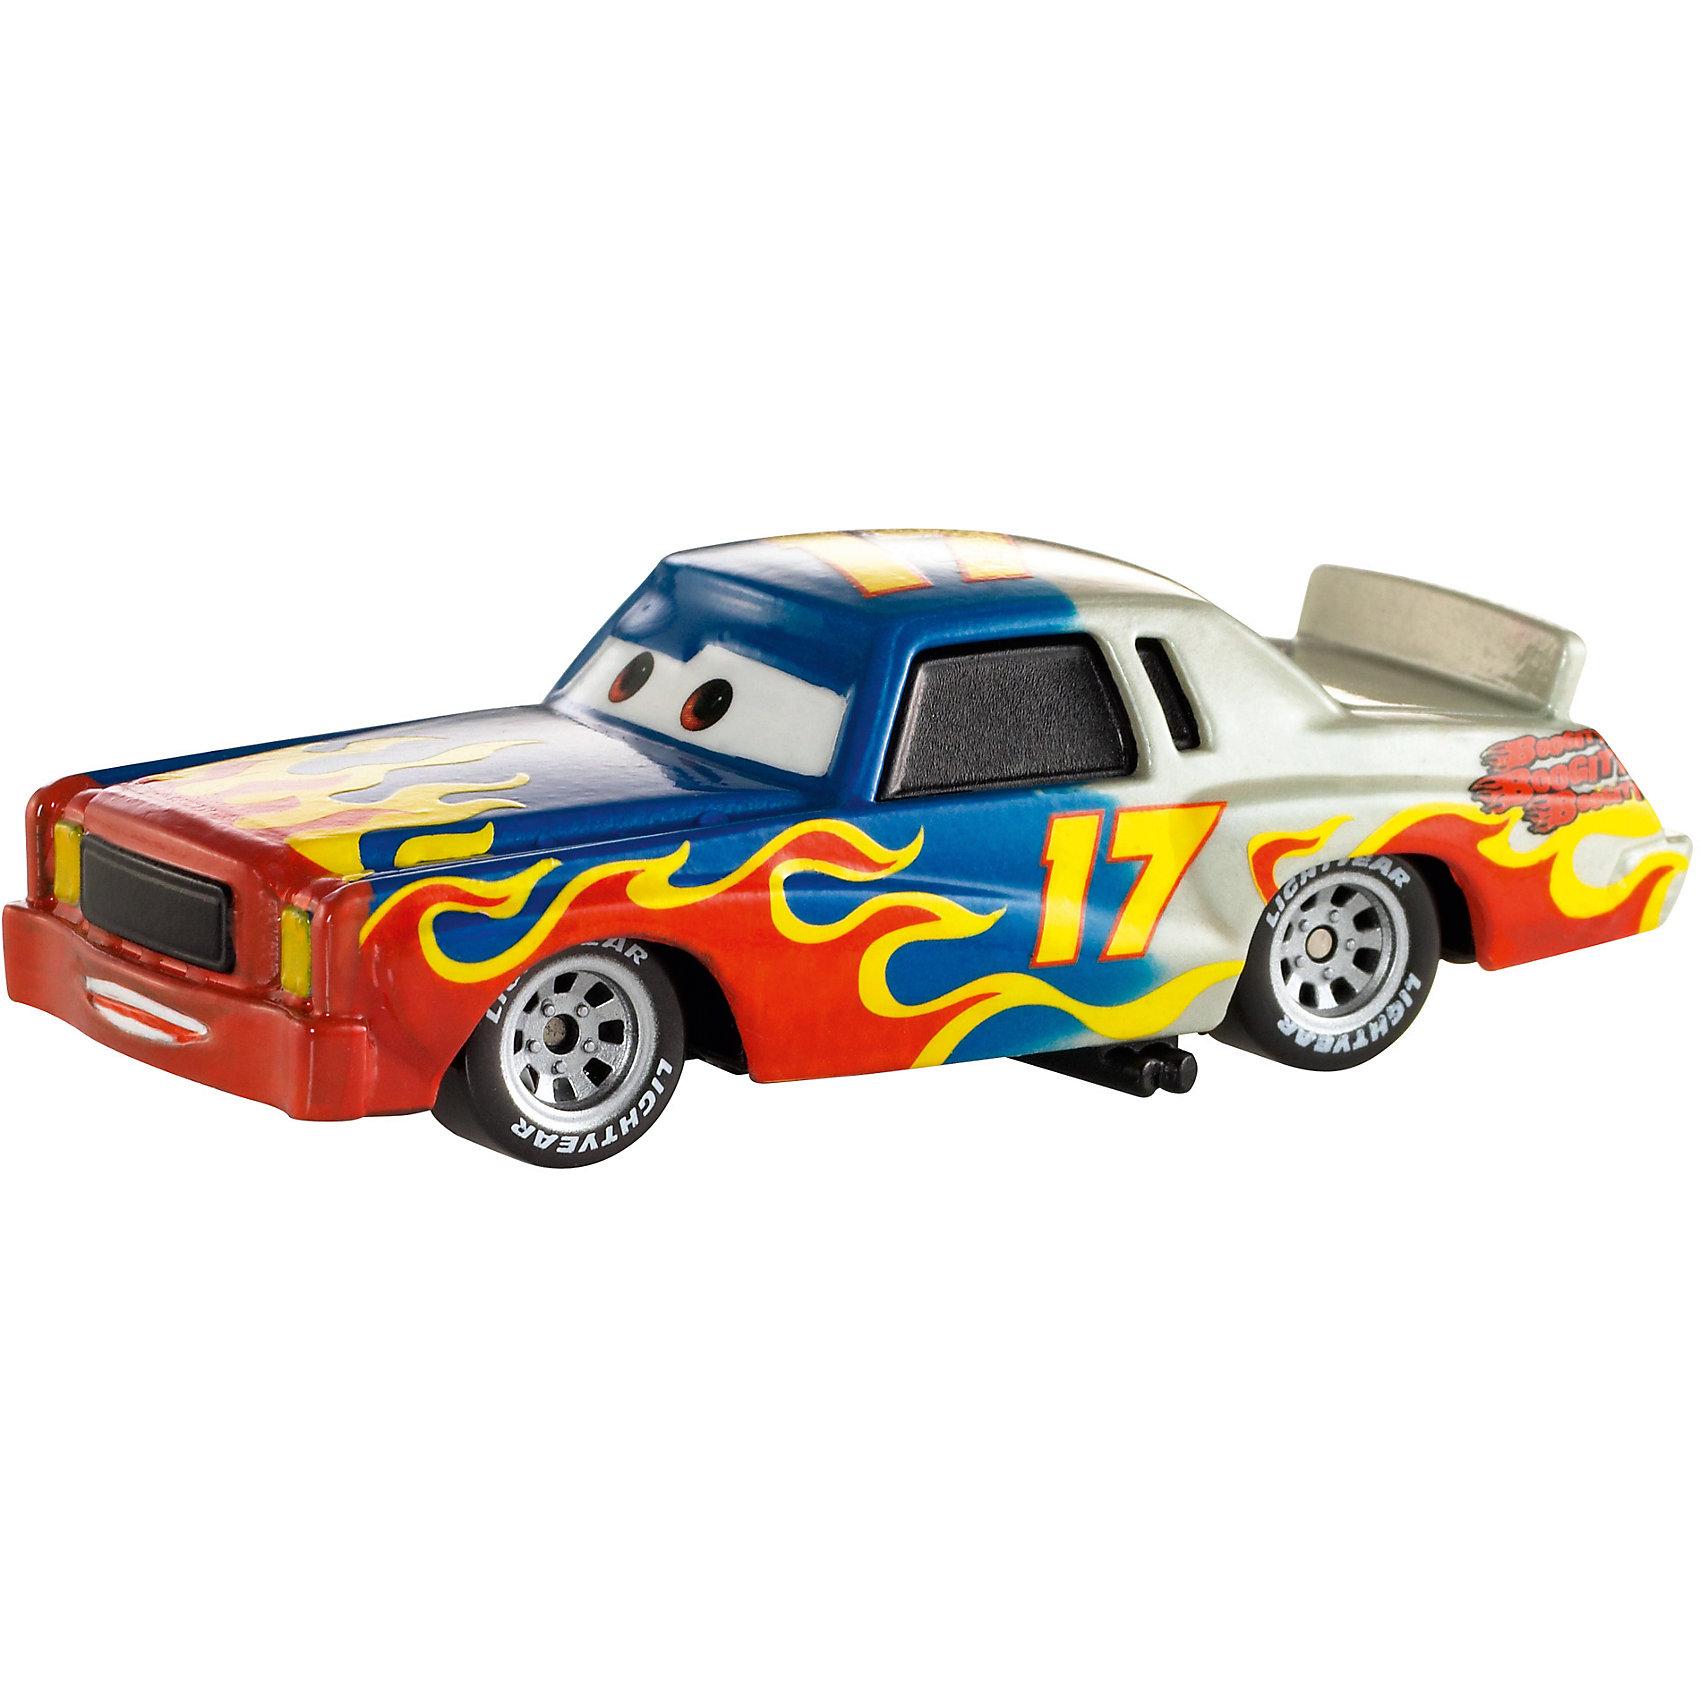 Машинка, меняющая цвет, ТачкиТачки Игрушки<br>Машинка, меняющая цвет, Тачки от Mattel (Маттел) ? герои любимого мультфильма Тачки представлены в новой уникальной серии Color Changers от Mattel. Машинка выполнена из высококачественного пластика, устойчивого к механическим повреждениям. У машины вращающиеся колеса и инерционный механизм. <br>Машинка Даррел выполнена в сочетании синего и белого цветов с нарисованными яркими языками пламени. При погружении в воду, корпус машинки меняет цвет, насыщенность цвета зависит от температуры воды.<br>Машинка, меняющая цвет, Тачки от Mattel (Маттел) позволит не только создать уникальный дизайн машинки, но и воспроизвести полюбившиеся сцены из мультфильма или придумать свою историю с главными героями.<br><br>Дополнительная информация:<br><br>- Вид игр: сюжетно-ролевые <br>- Предназначение: для дома<br>- Серия: Color Changers<br>- Материал: пластик<br>- Размер: 4,5*14*21,5 см<br>- Вес: 84 г <br>- Особенности ухода: разрешается мыть<br><br>Подробнее:<br><br>• Для детей в возрасте: от 3 лет и до 10 лет<br>• Страна производитель: Китай<br>• Торговый бренд: Mattel<br><br>Машинку, меняющую цвет, Тачки от Mattel (Маттел) можно купить в нашем интернет-магазине.<br><br>Ширина мм: 45<br>Глубина мм: 140<br>Высота мм: 215<br>Вес г: 84<br>Возраст от месяцев: 36<br>Возраст до месяцев: 120<br>Пол: Мужской<br>Возраст: Детский<br>SKU: 4918472